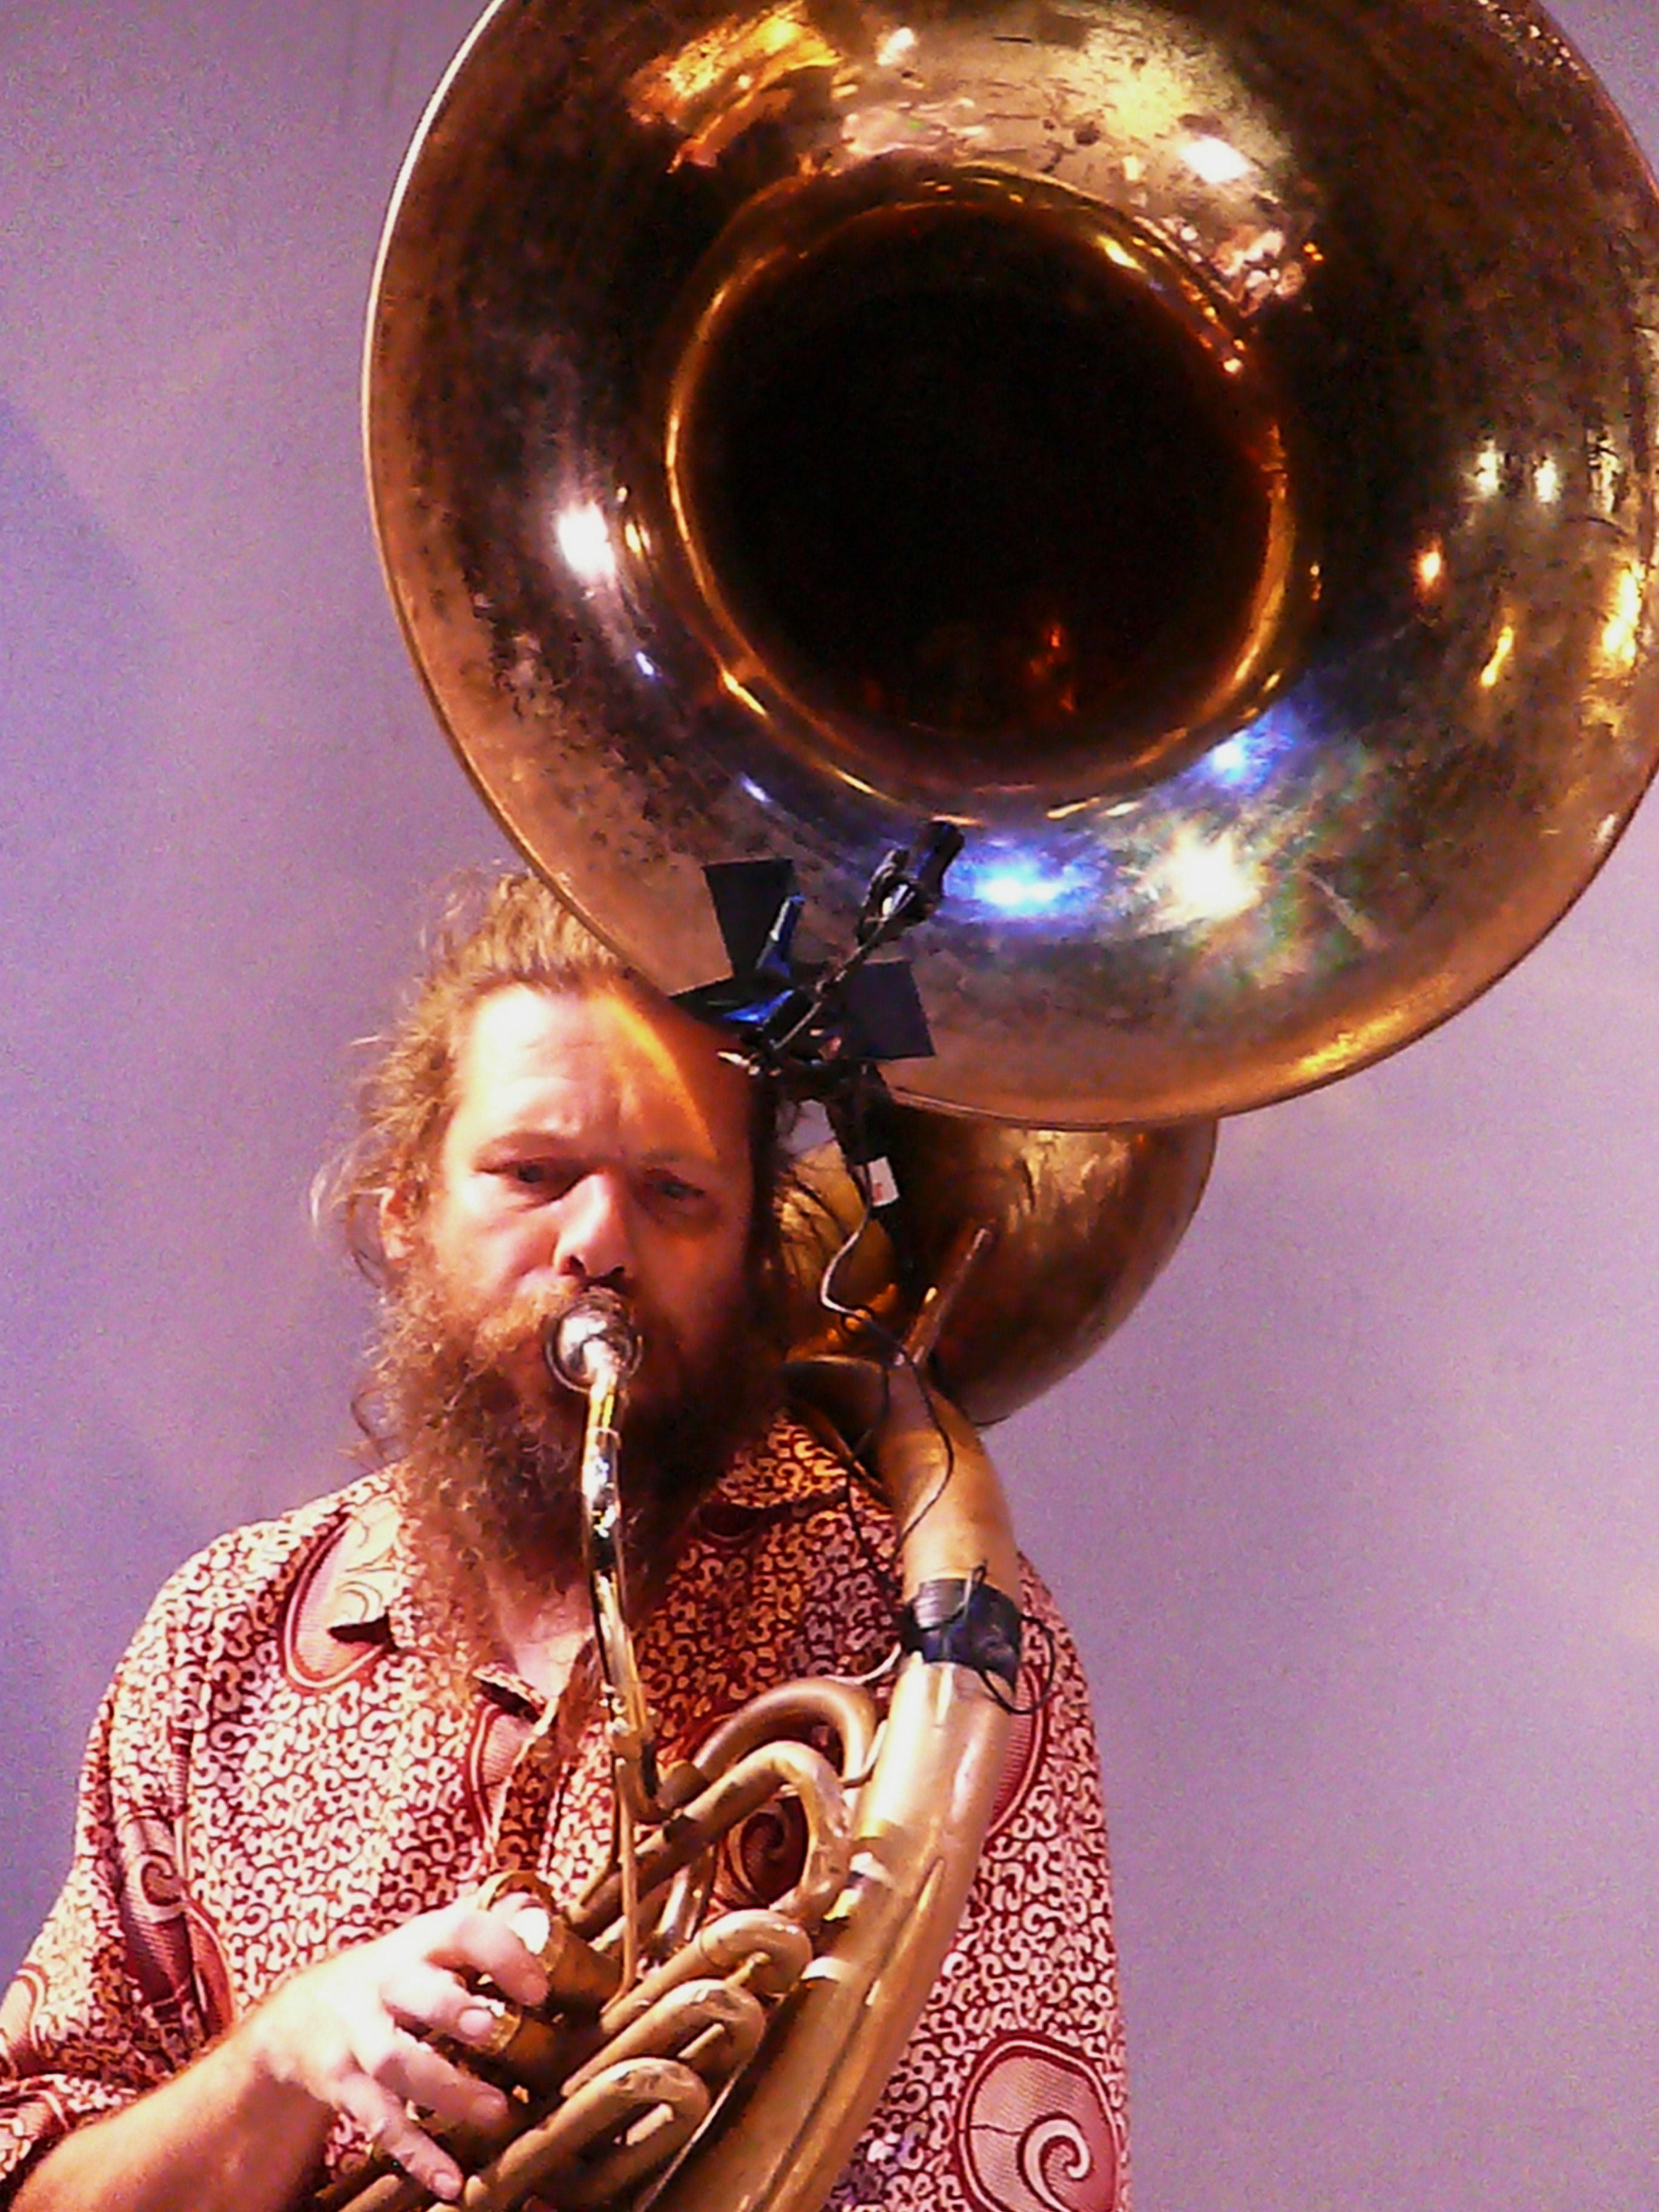 Arno Bakker in Groningen, August 2011